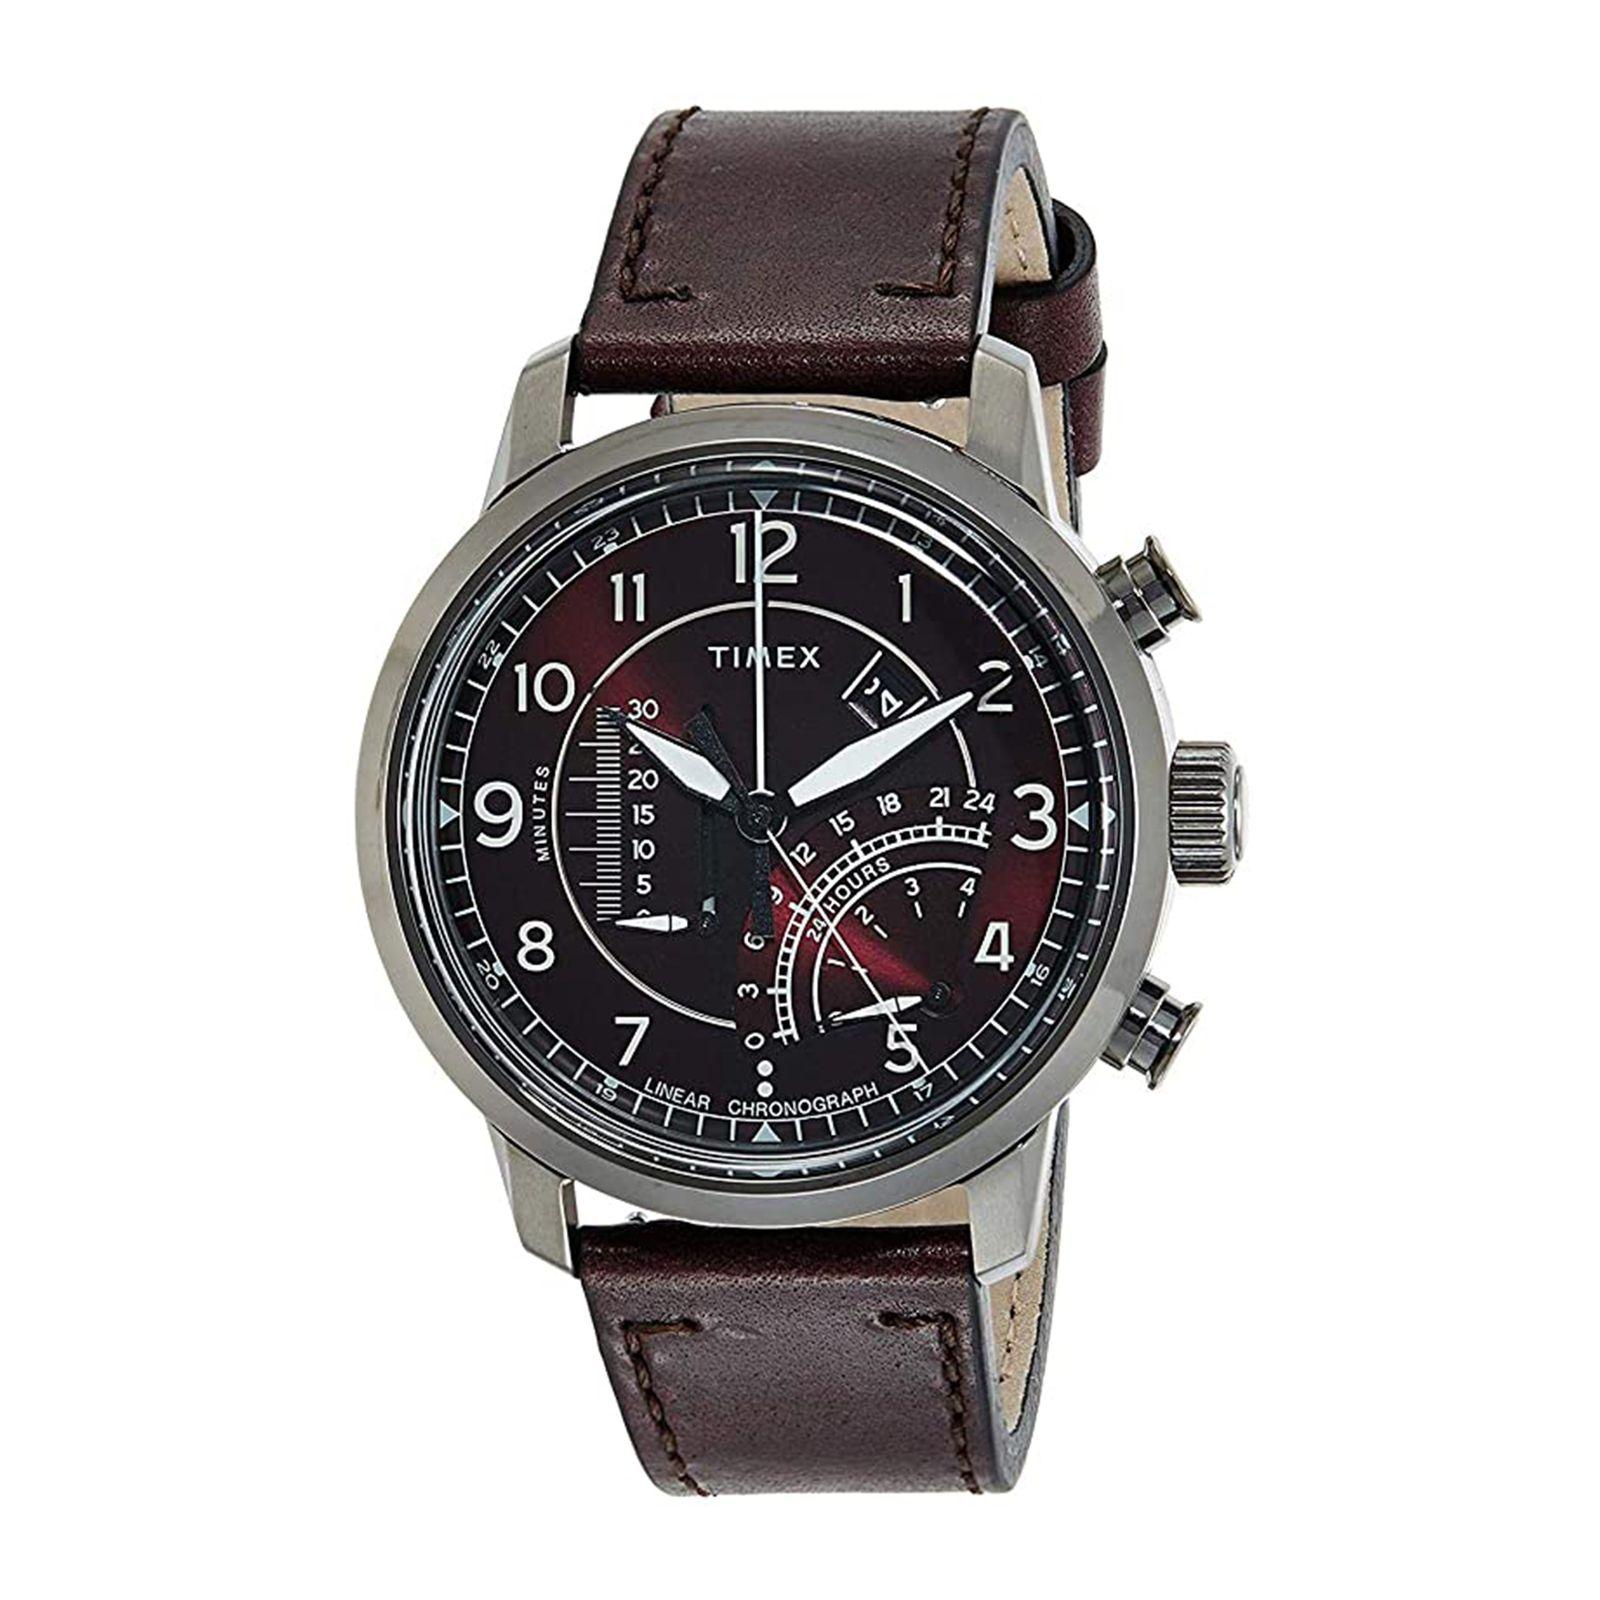 ساعت مچی عقربه ای مردانه تایمکس مدل TW2R69200 -  - 1